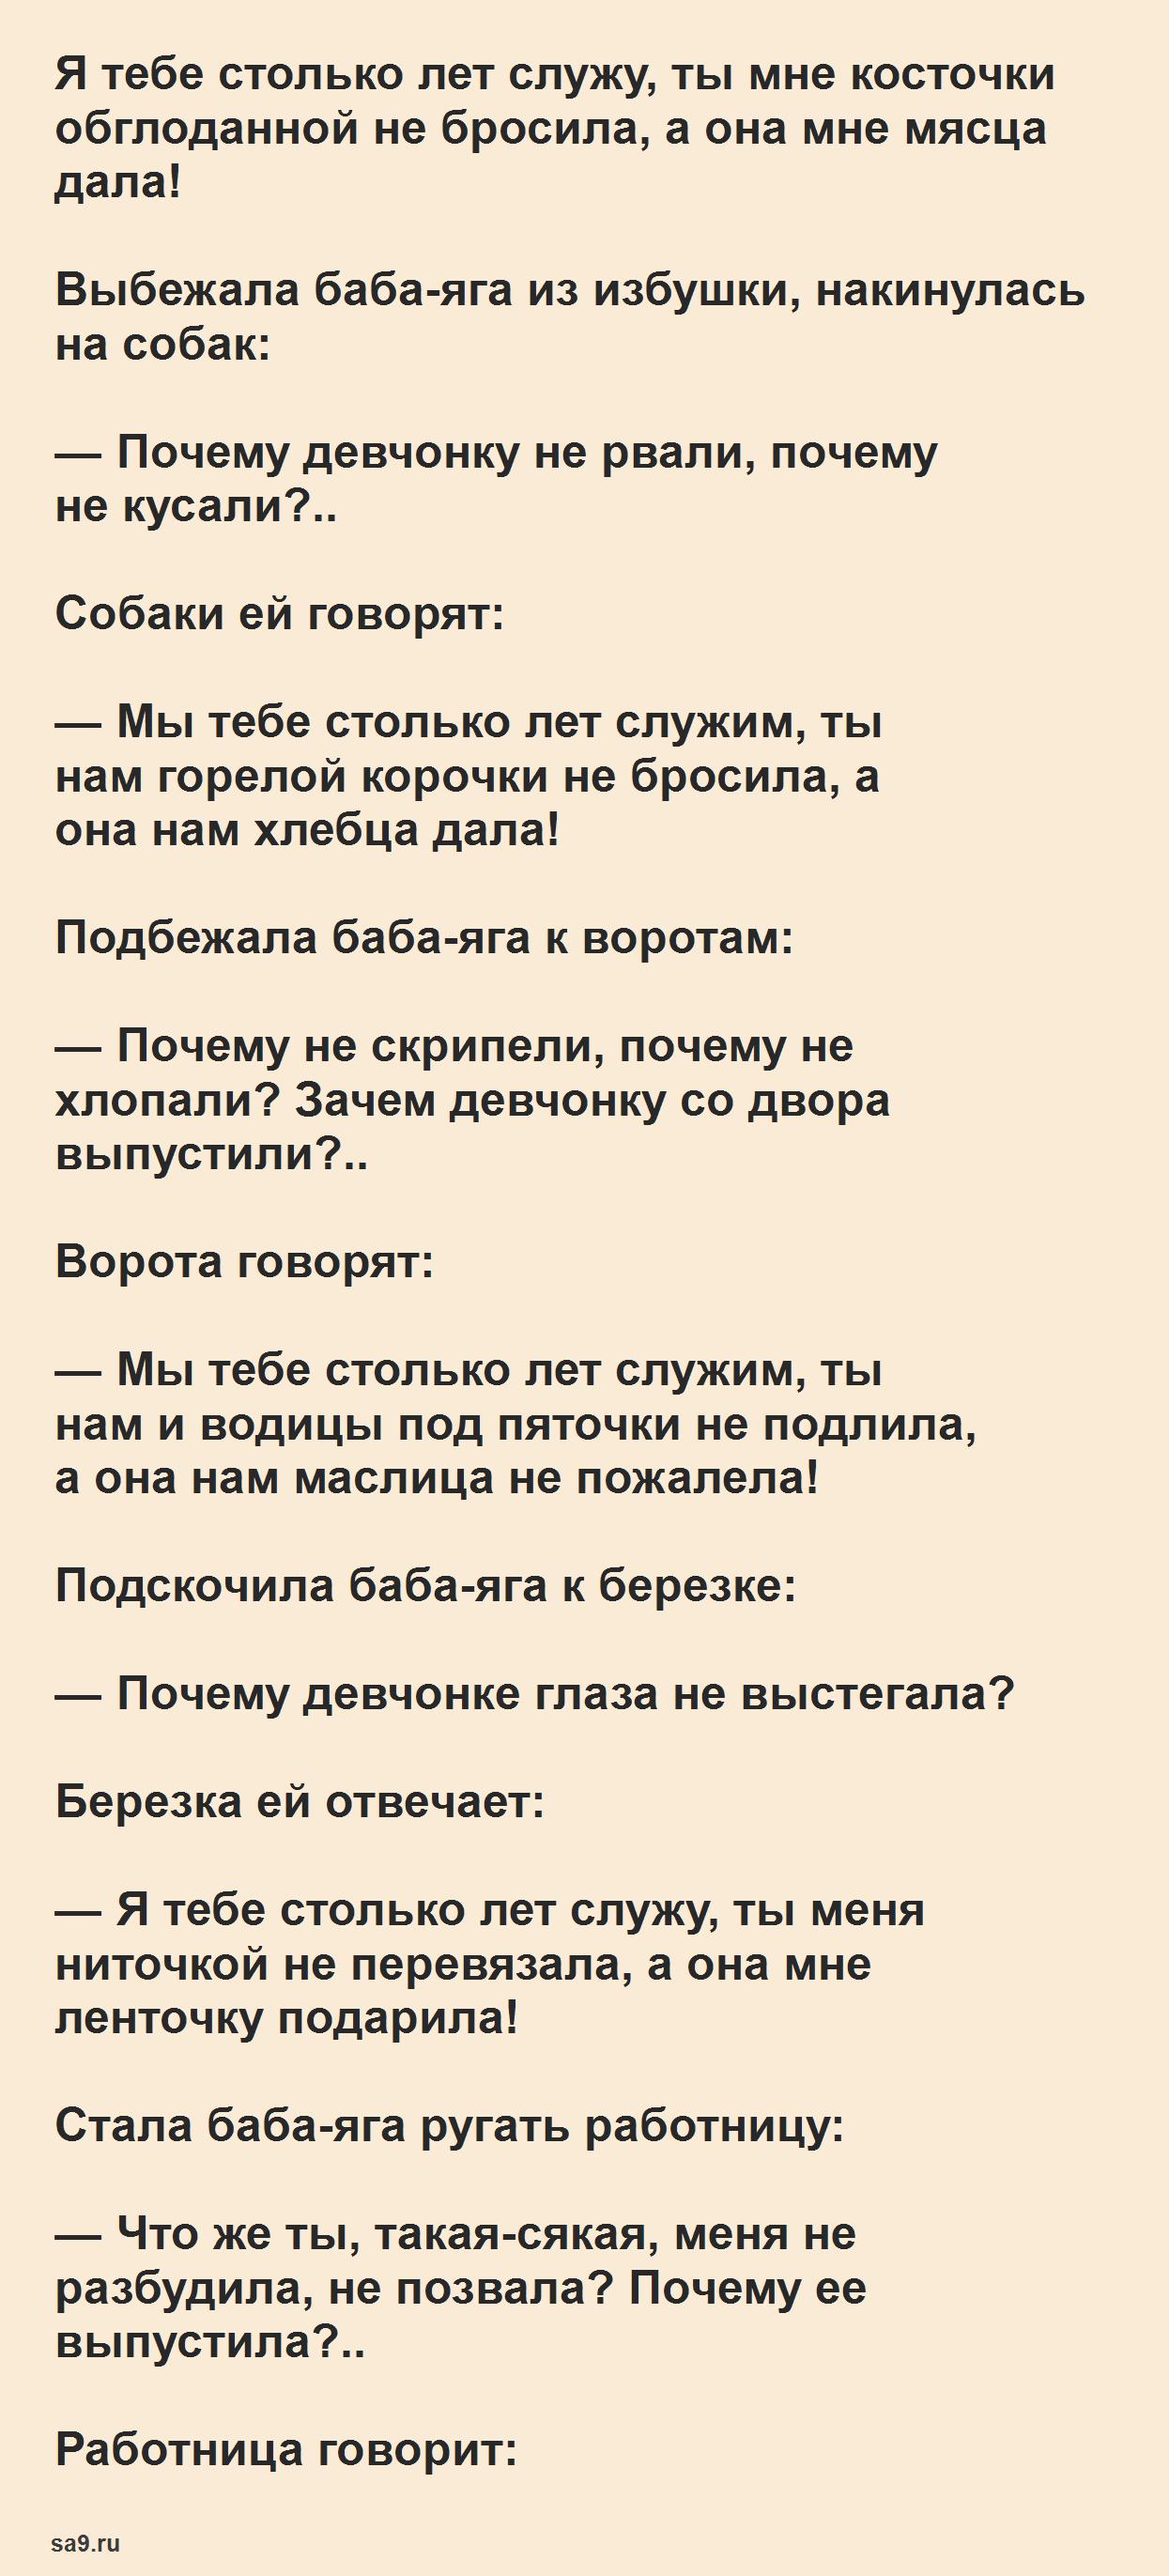 Баба-яга - русская народная сказка, читать полностью